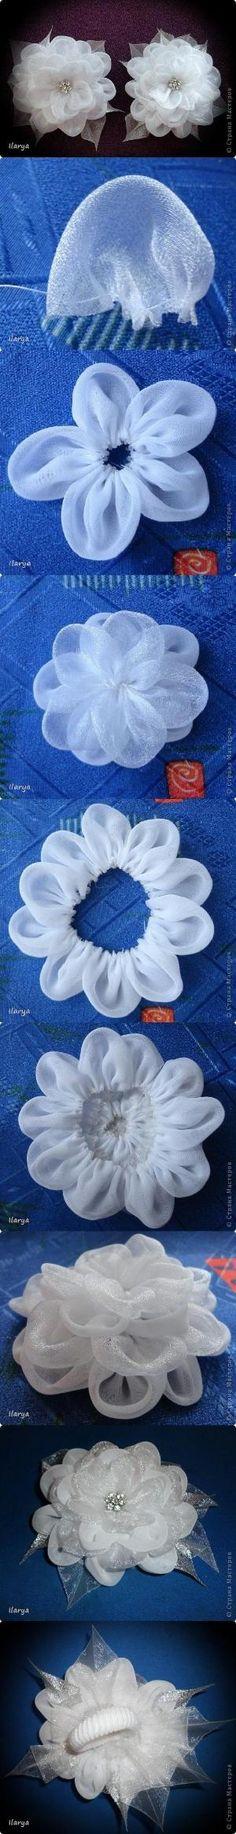 DIY Fabric Lust Flower by MarylinJ